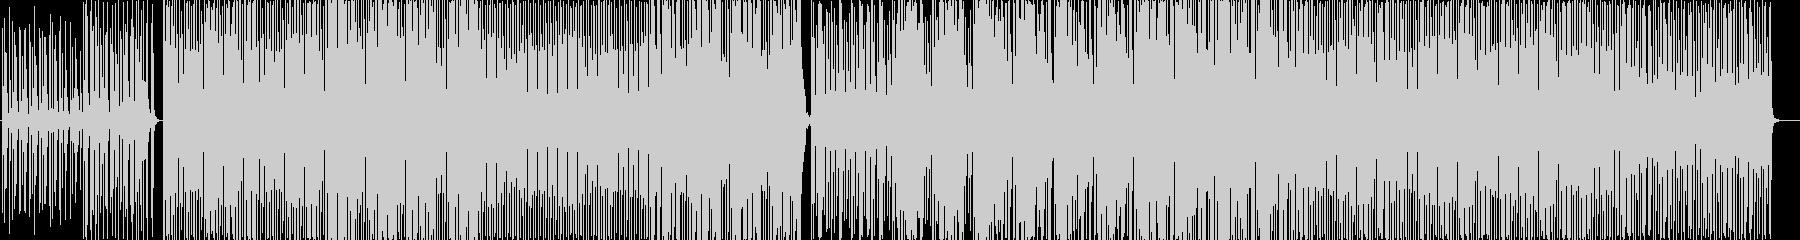 アコーステック サスペンス アクシ...の未再生の波形